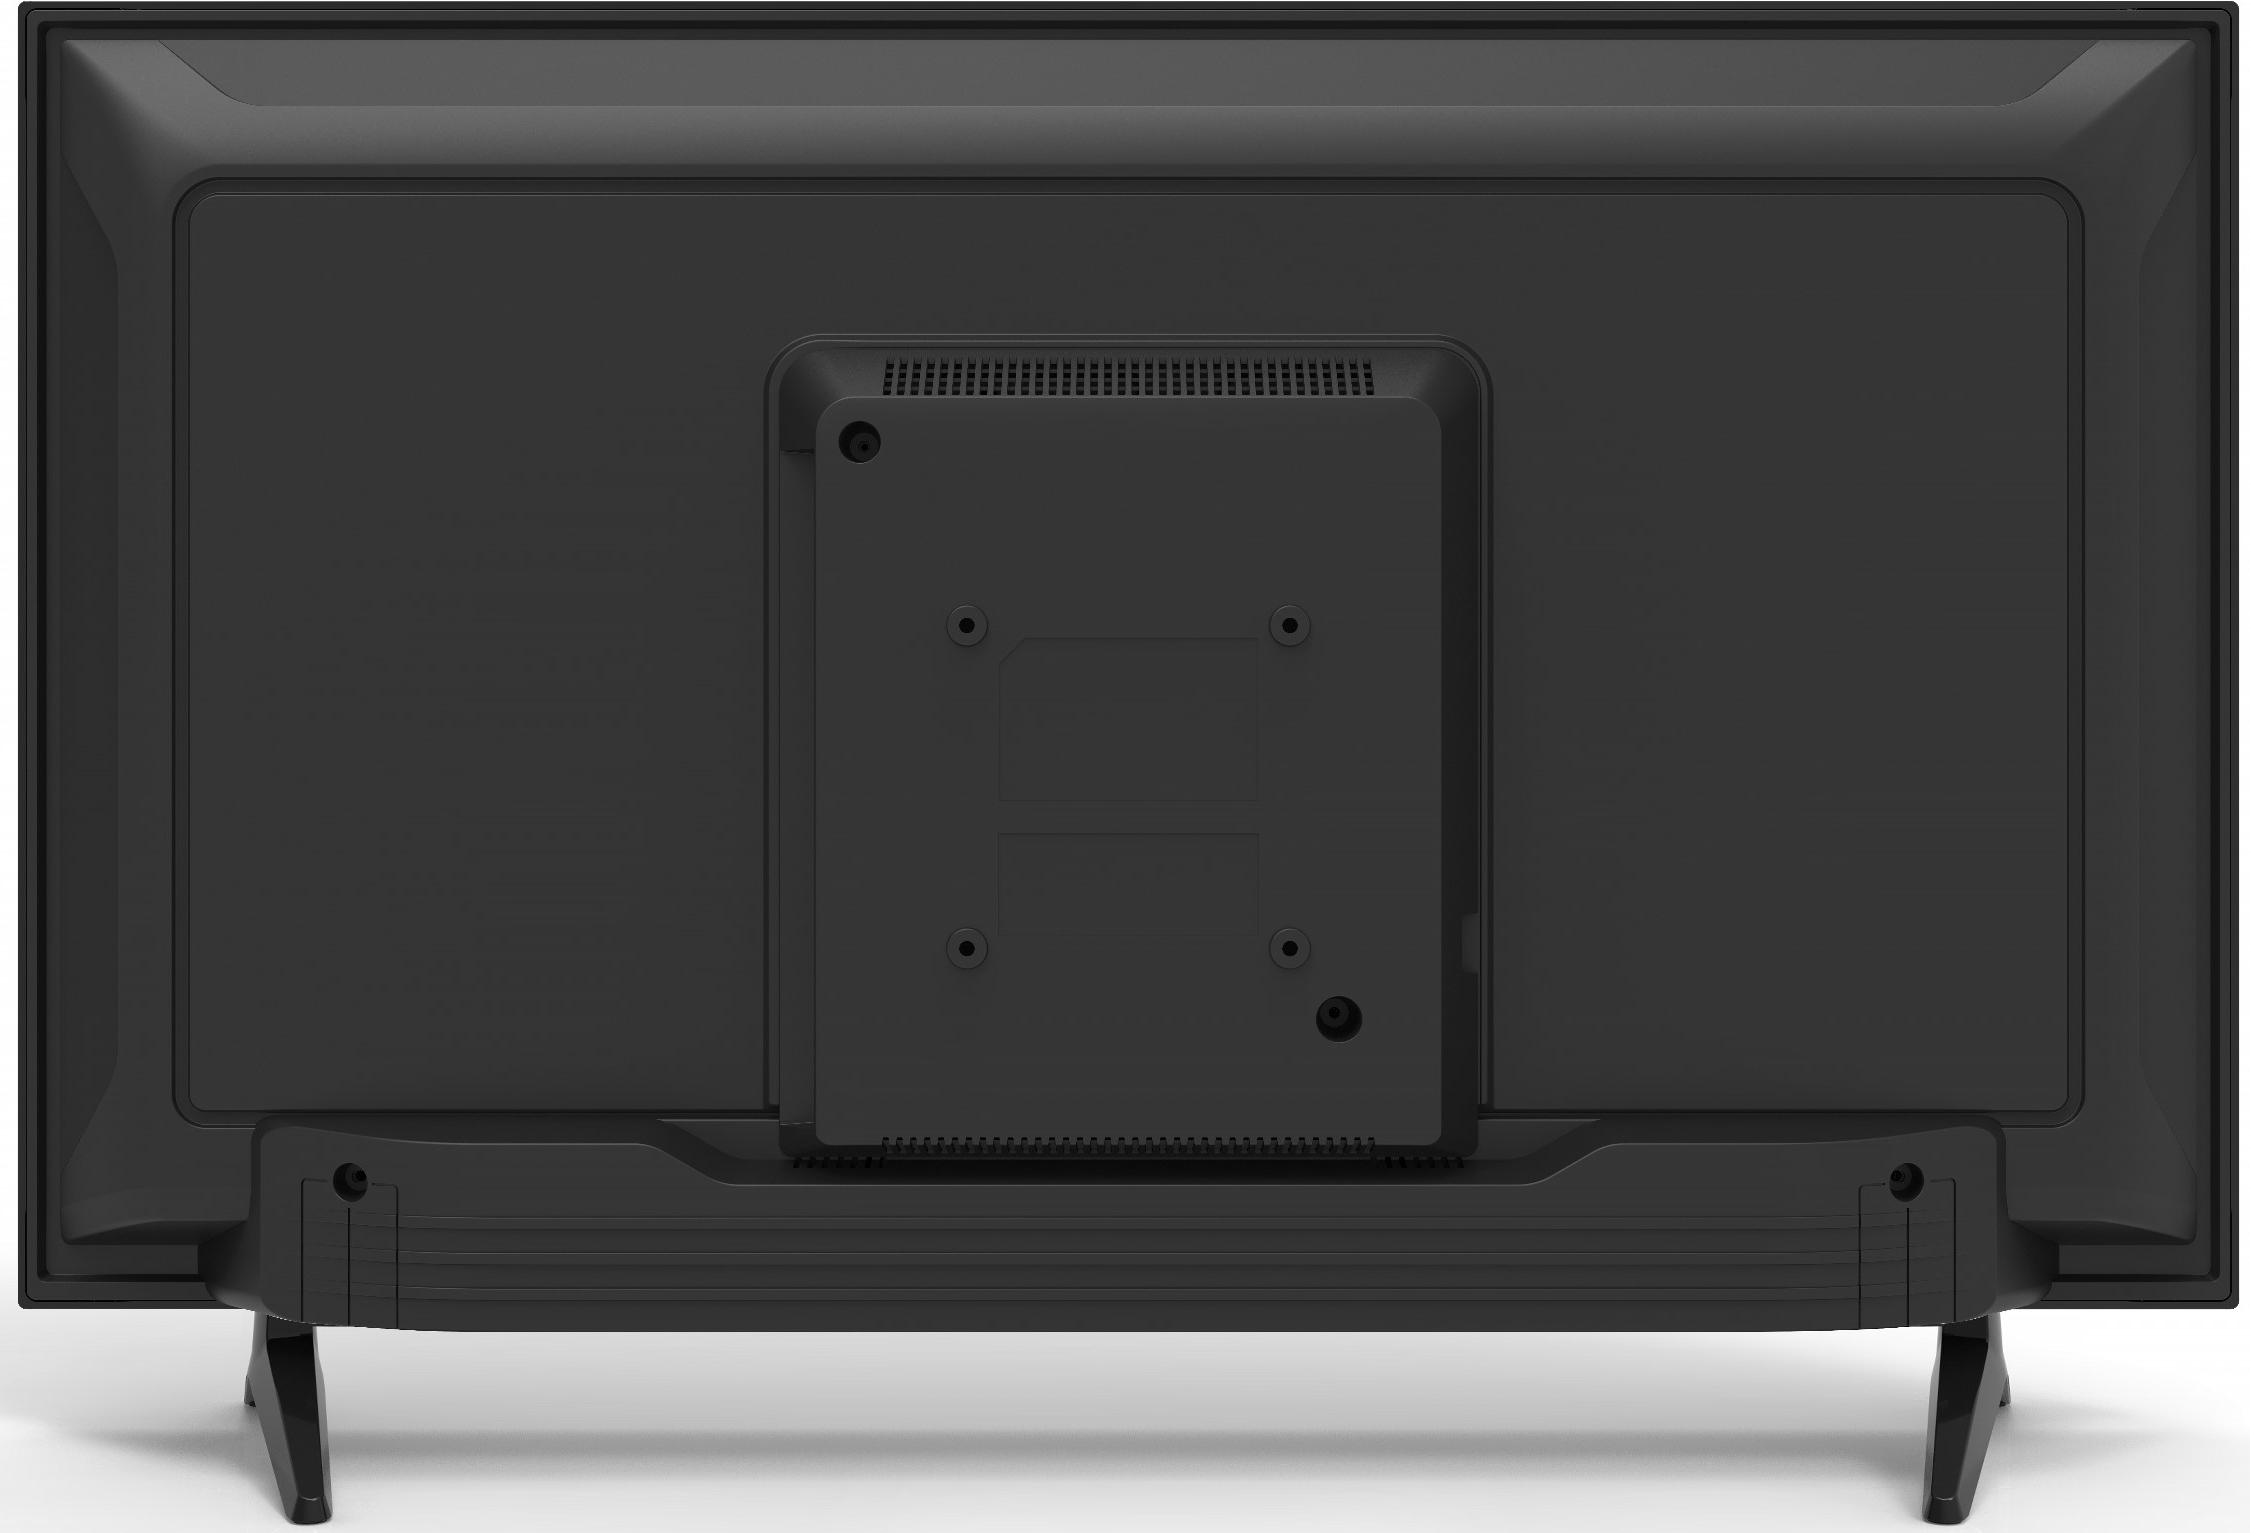 Televizor Panasonic LED TX-32HSR400  - 2